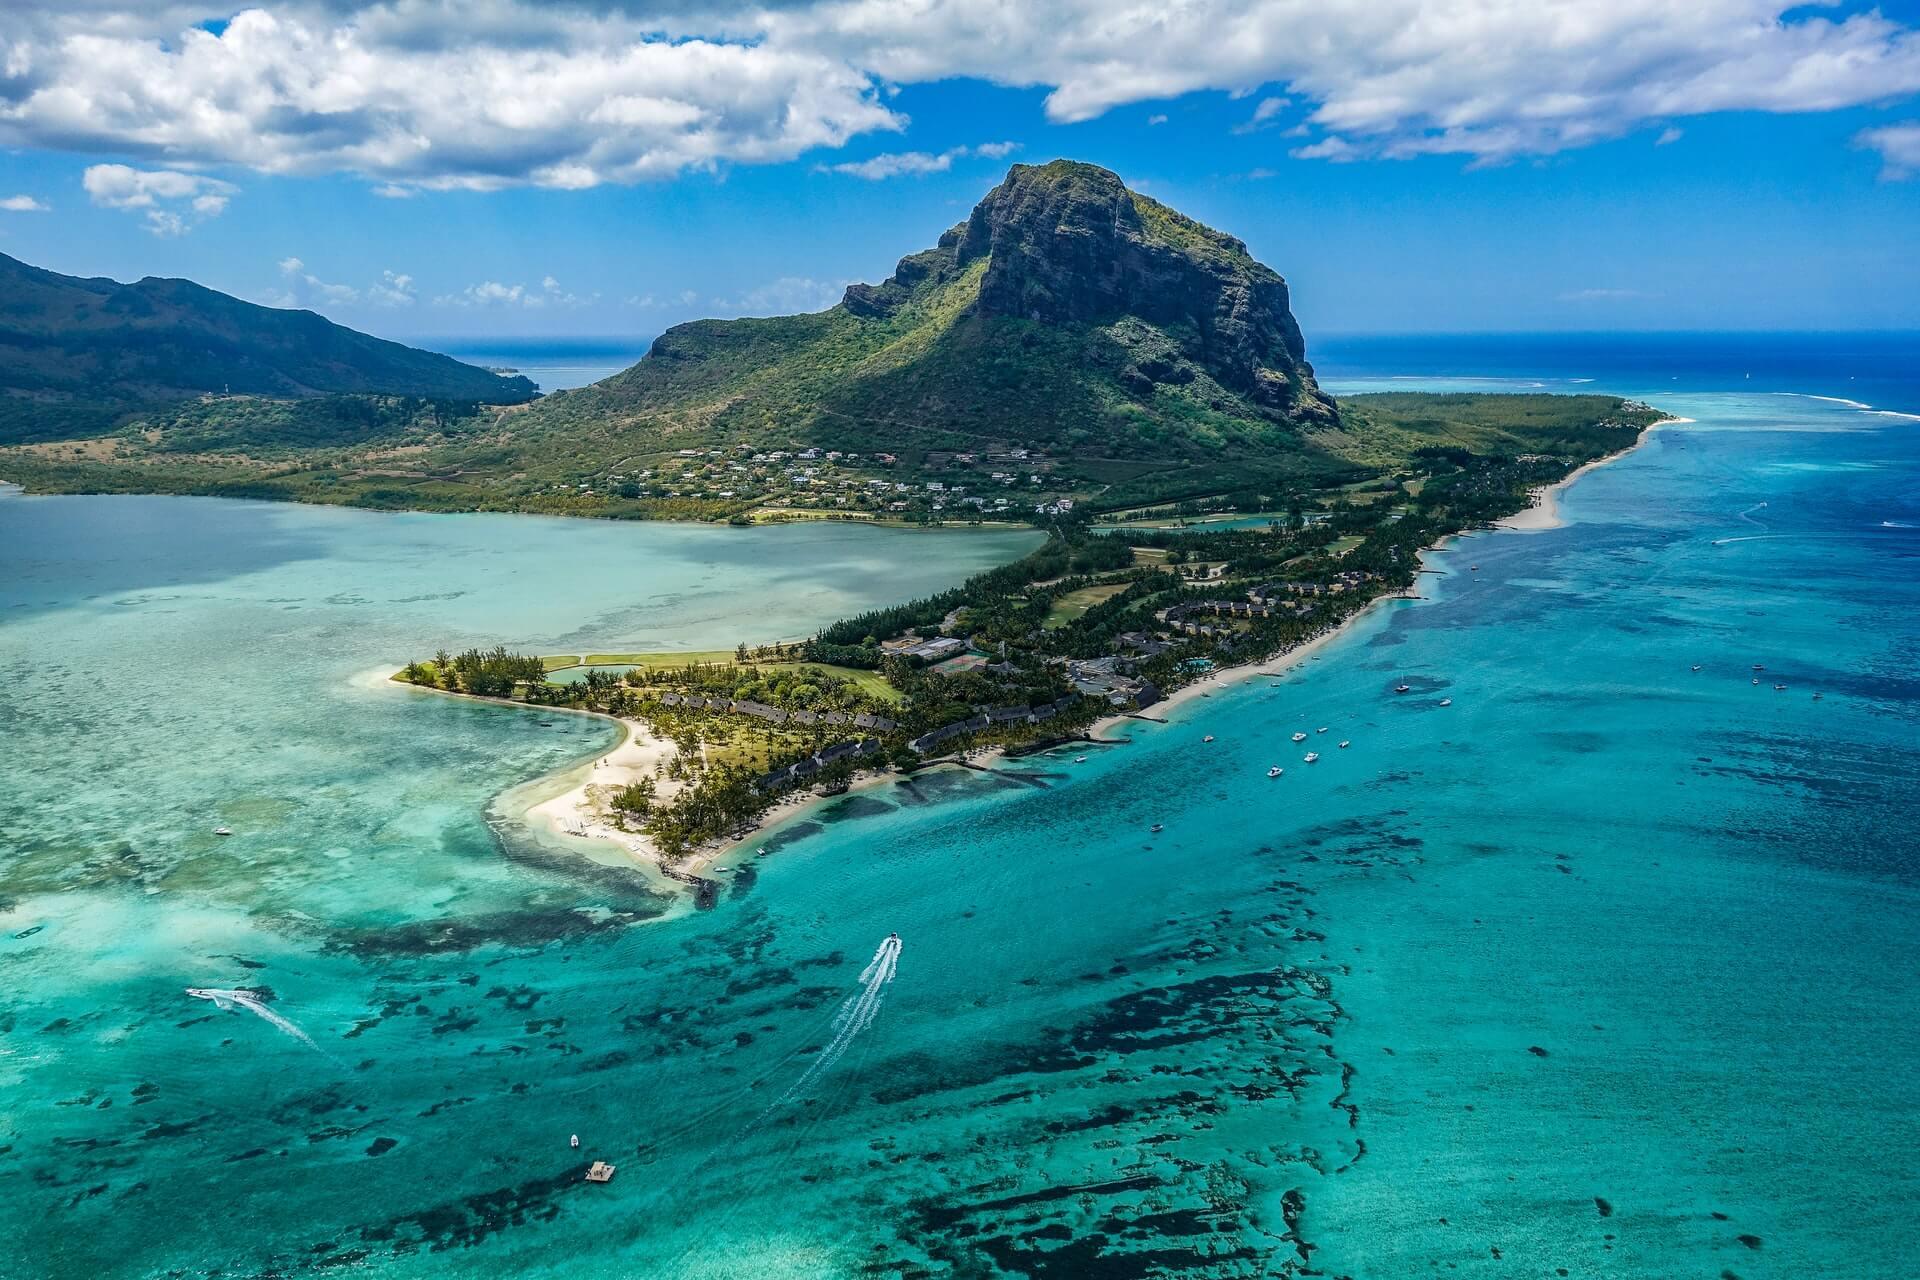 mauritius-brand-image.jpg